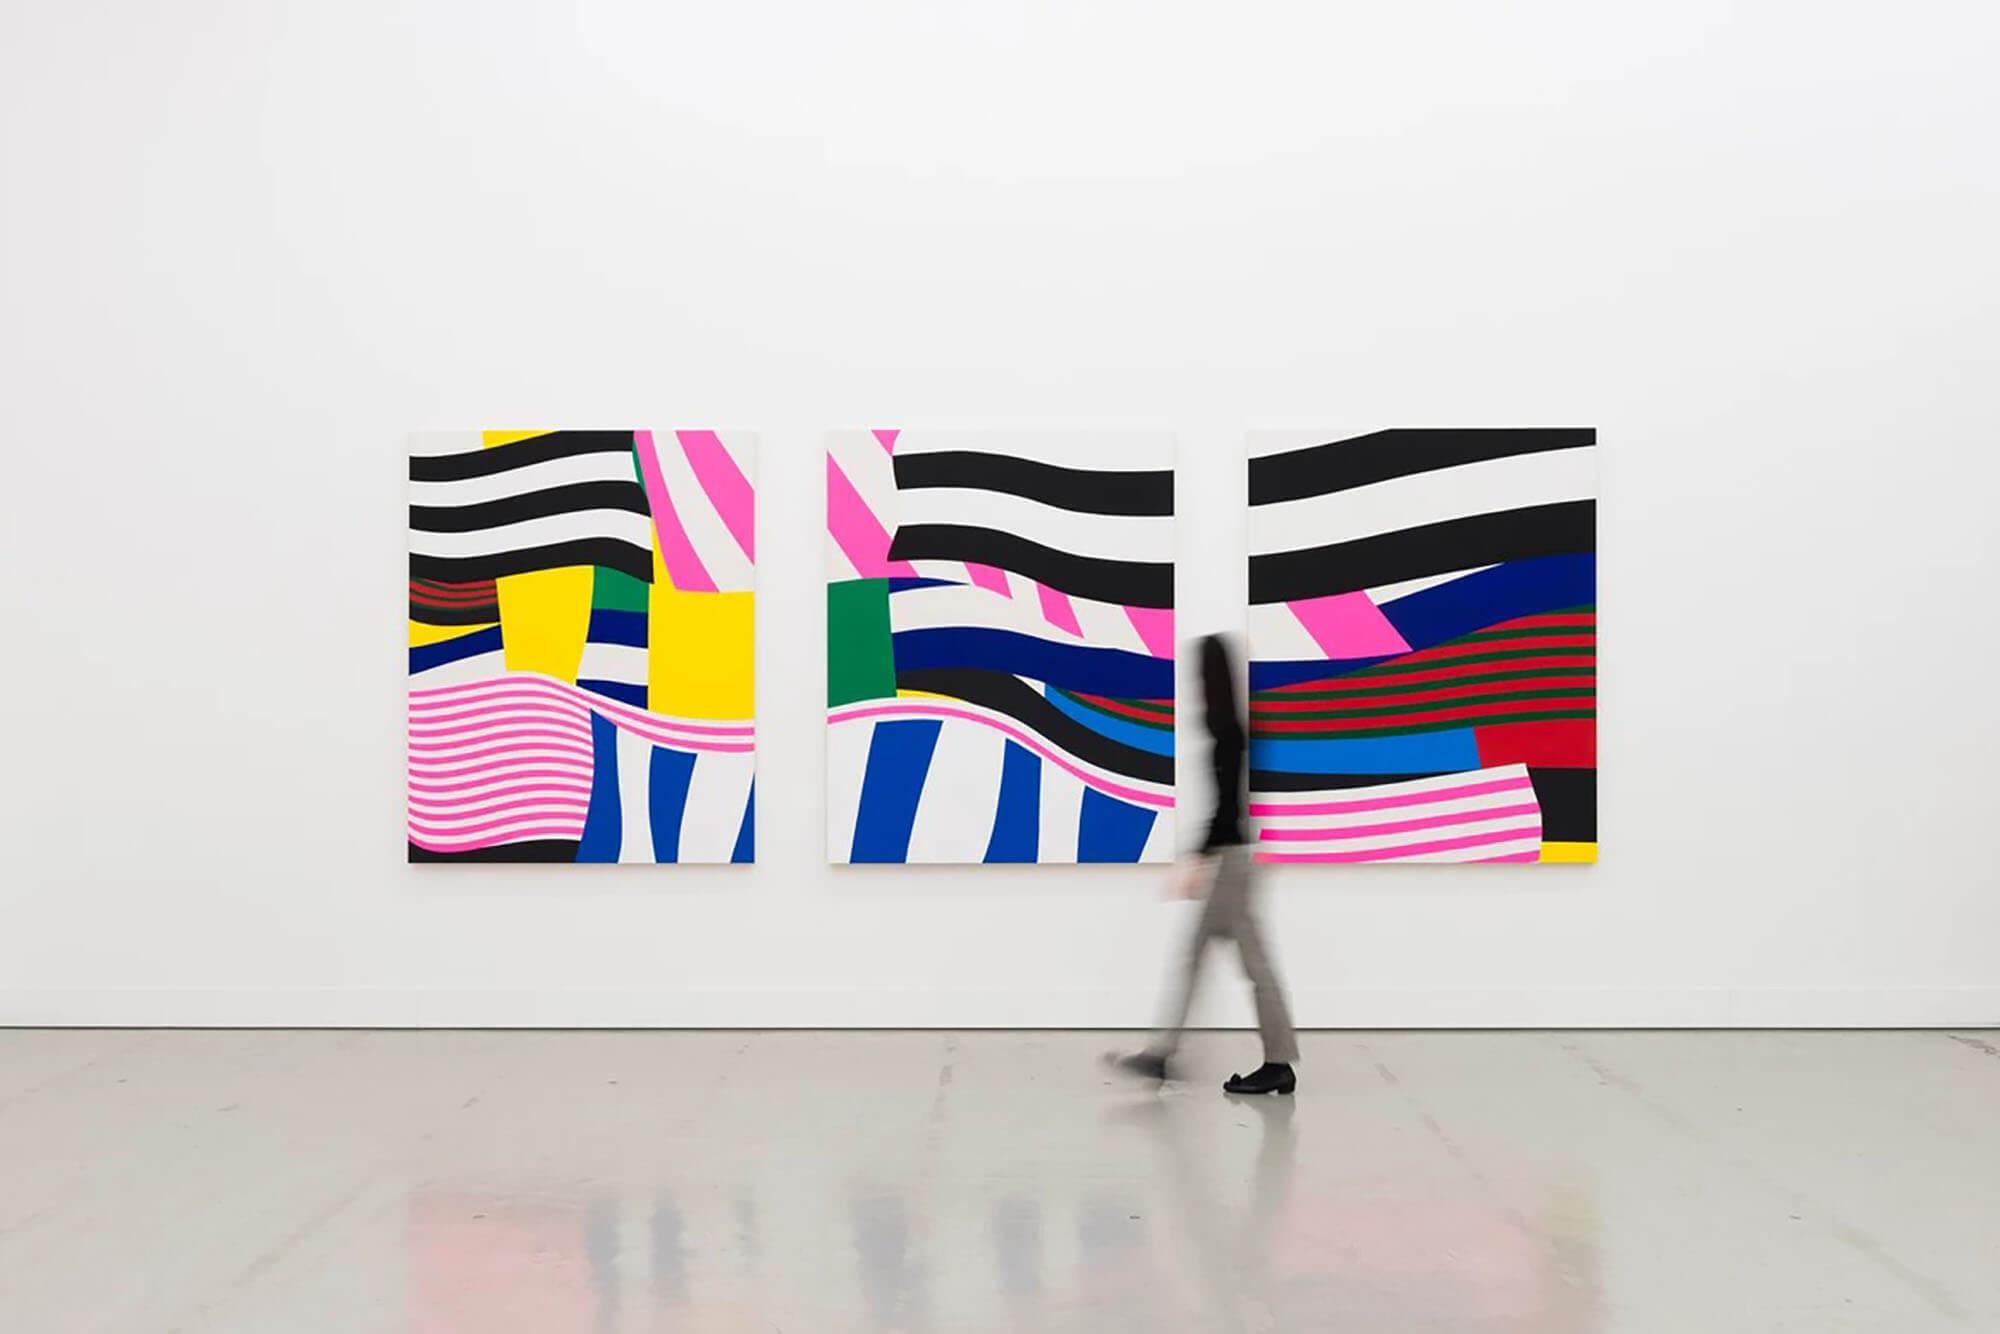 現代美術展「崖と階段」